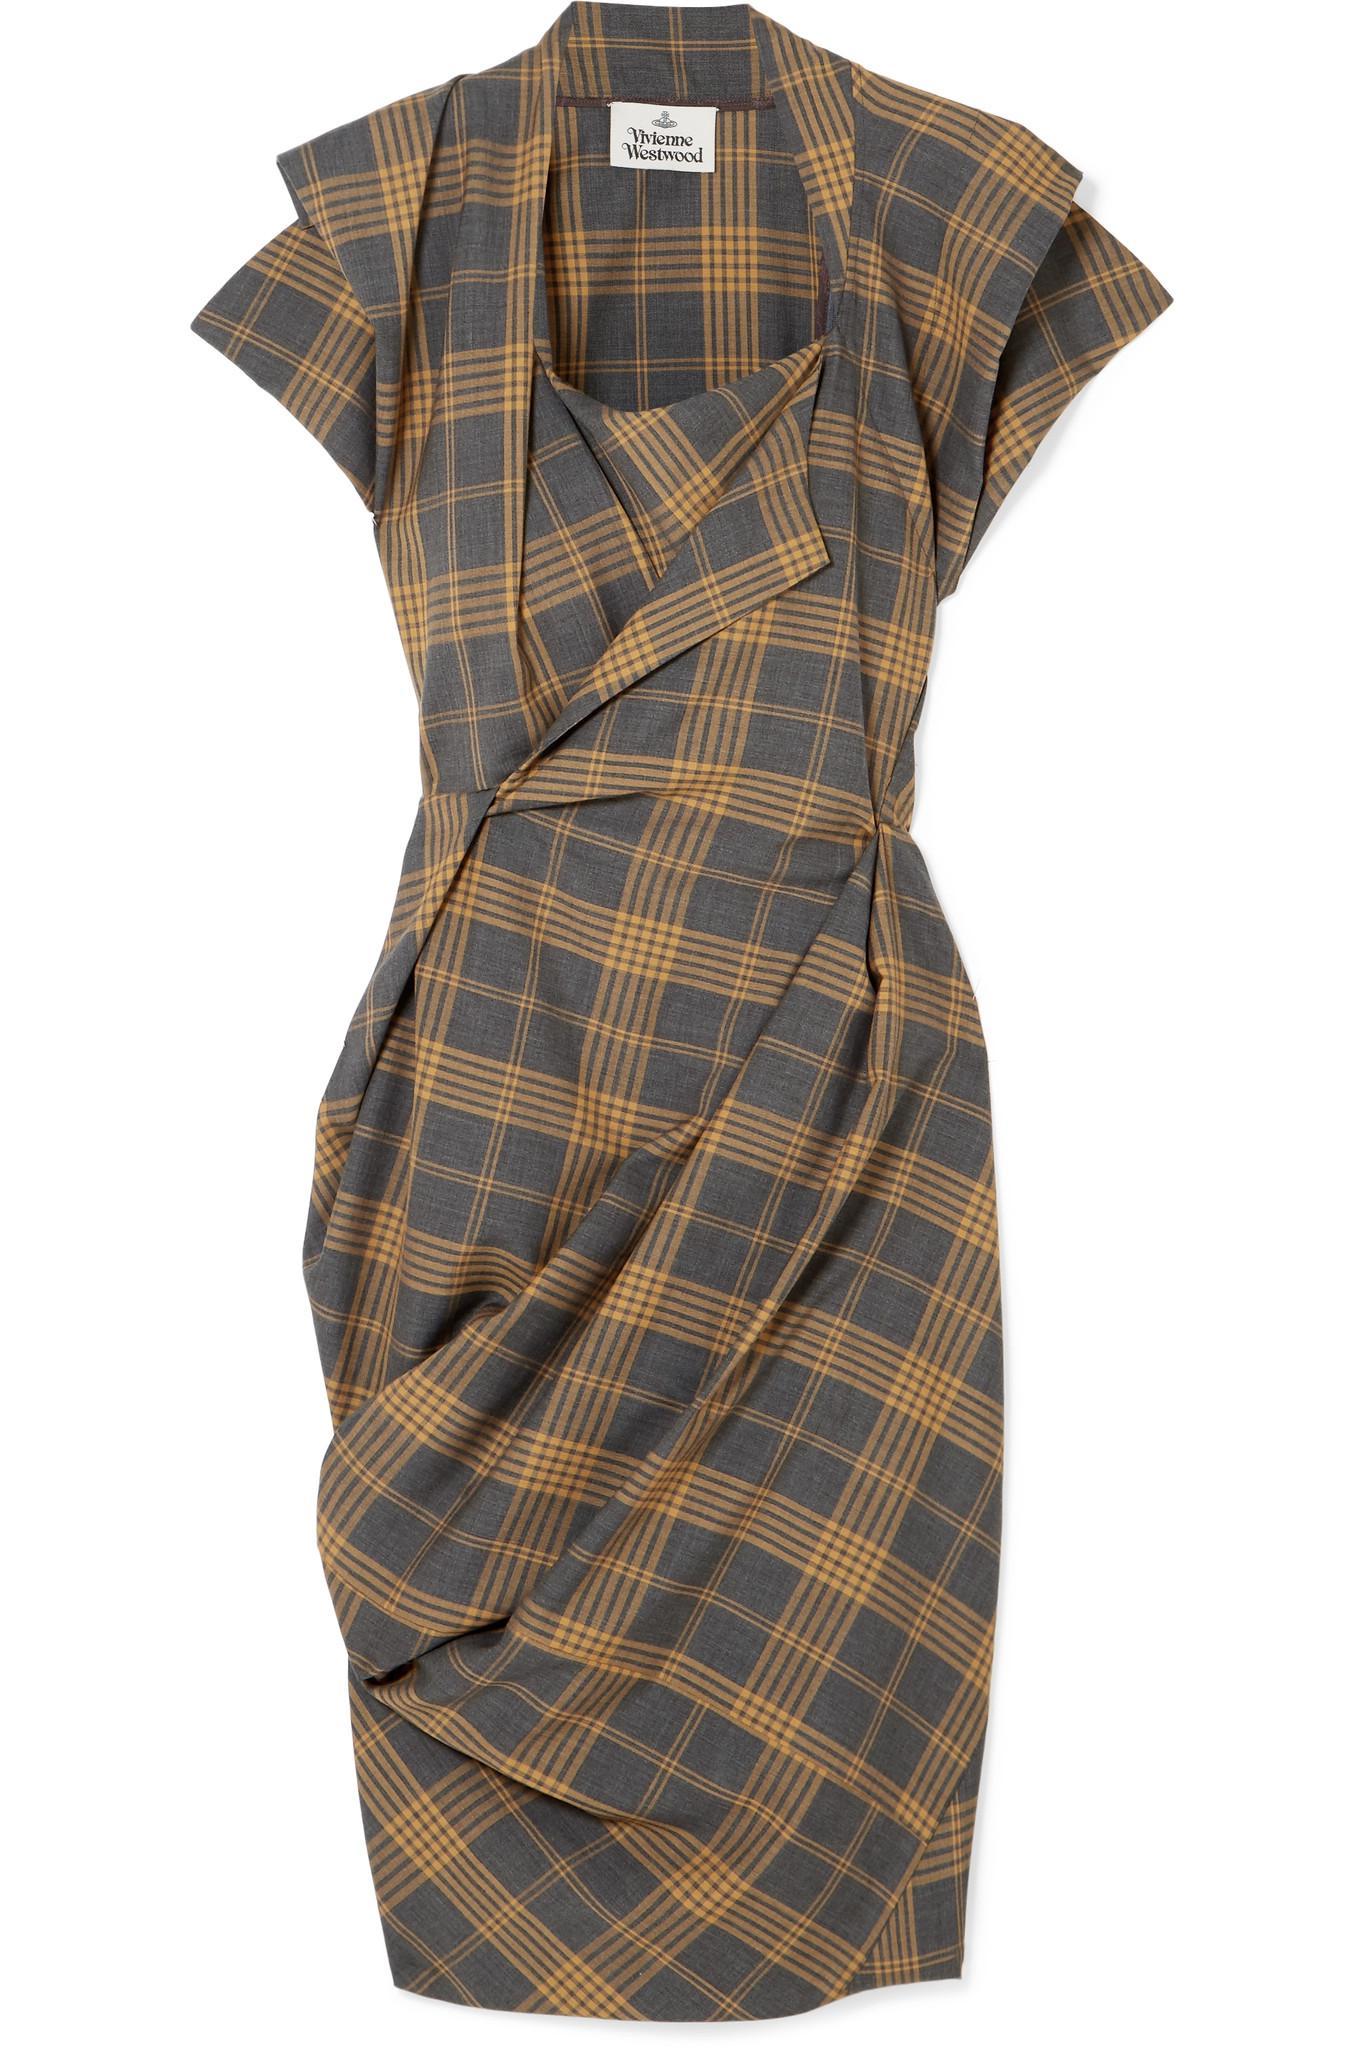 88713bc461 Vivienne Westwood Grand Fond Draped Tartan Wool Dress in Gray - Lyst